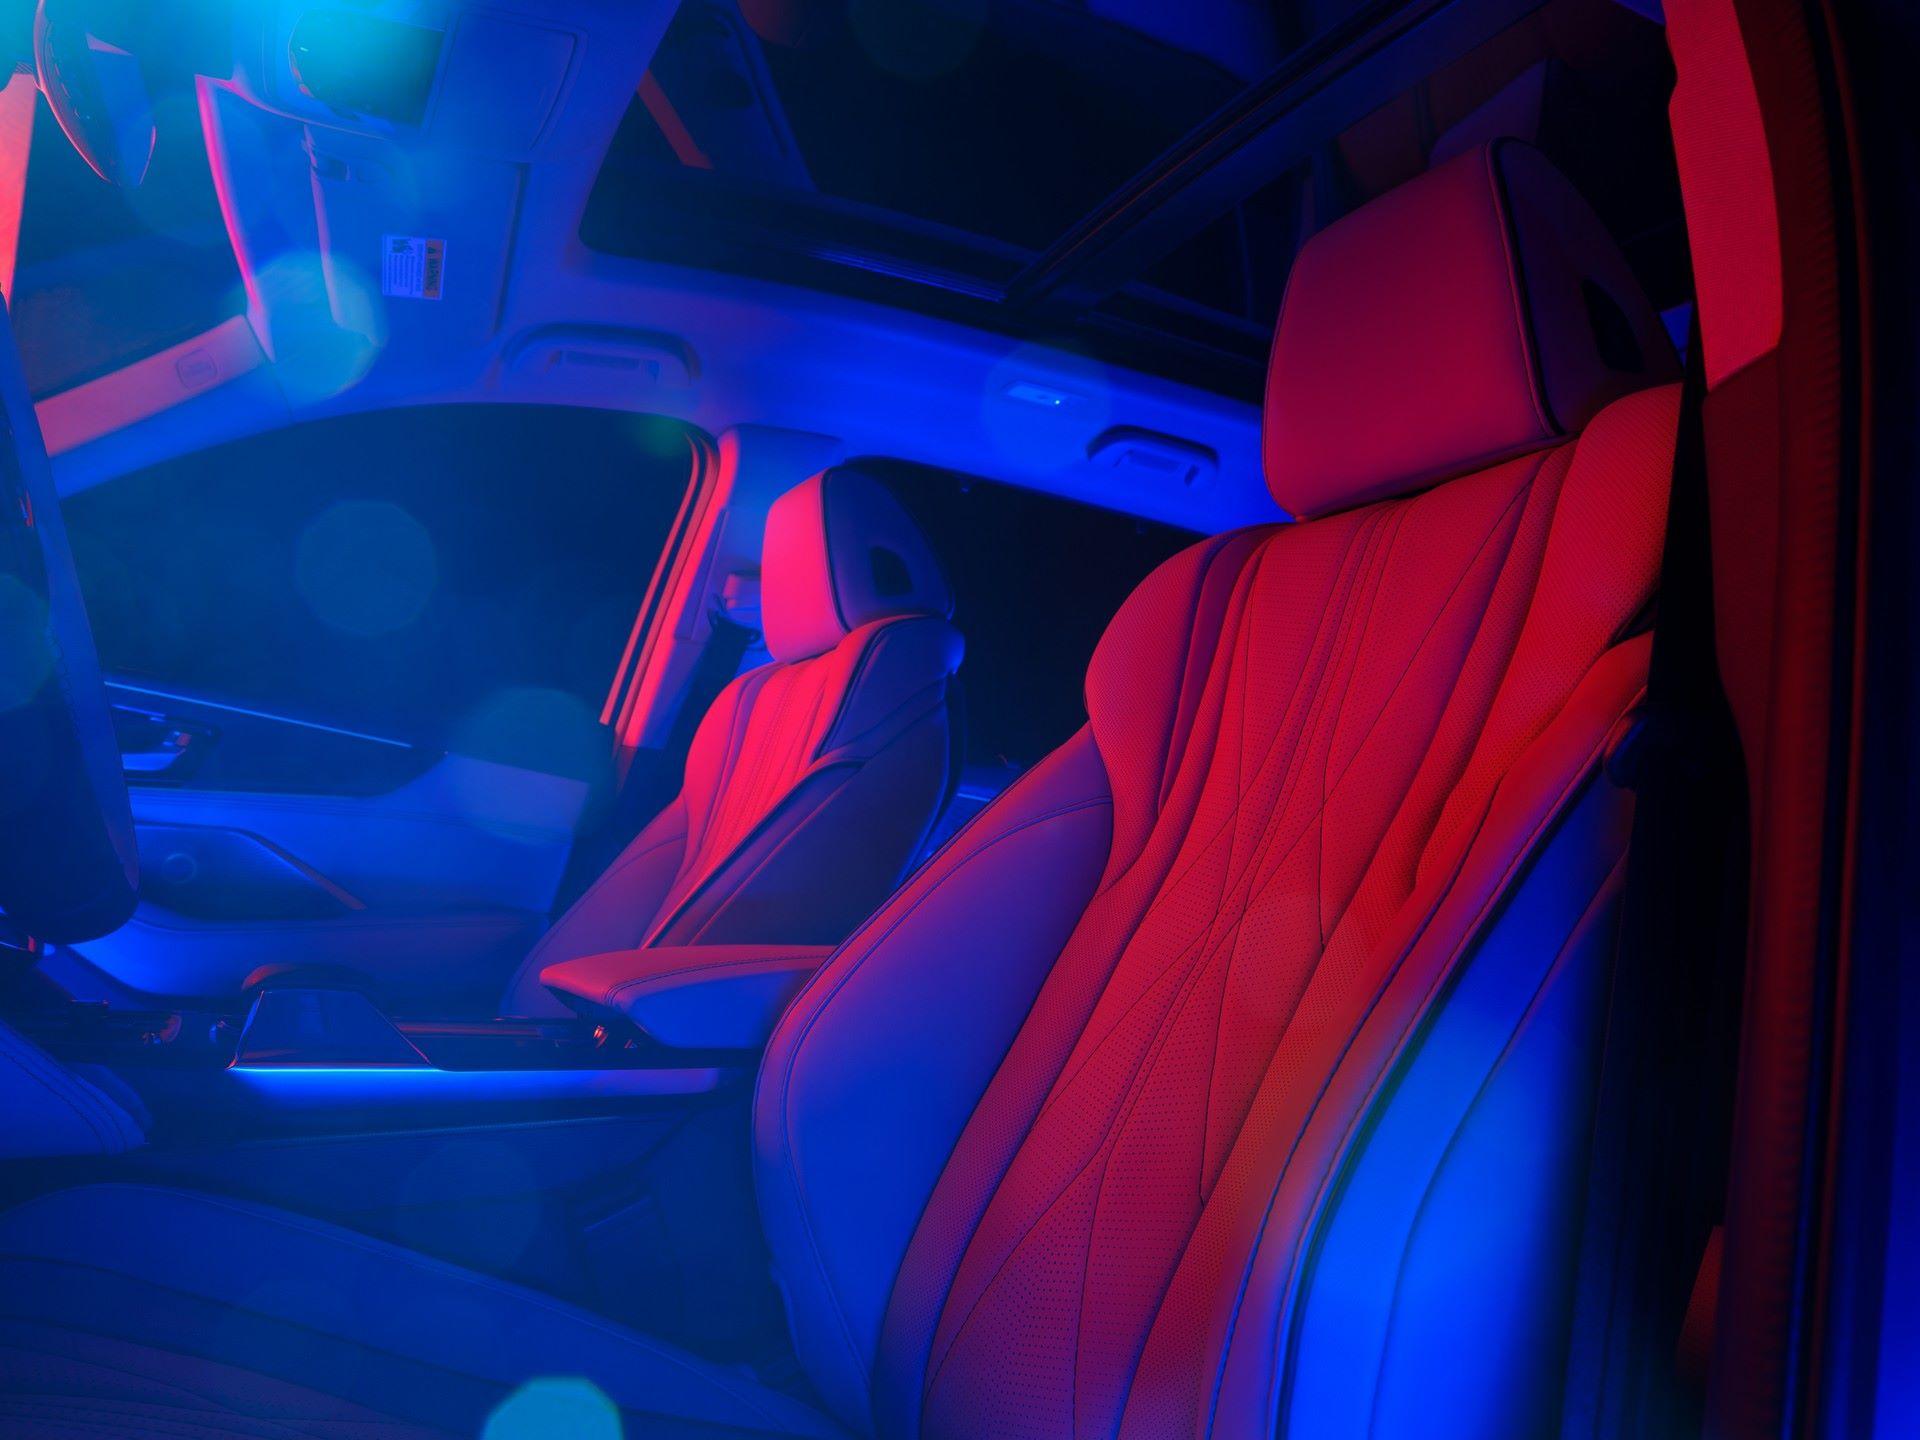 Acura-MDX-Prototype-interior-5